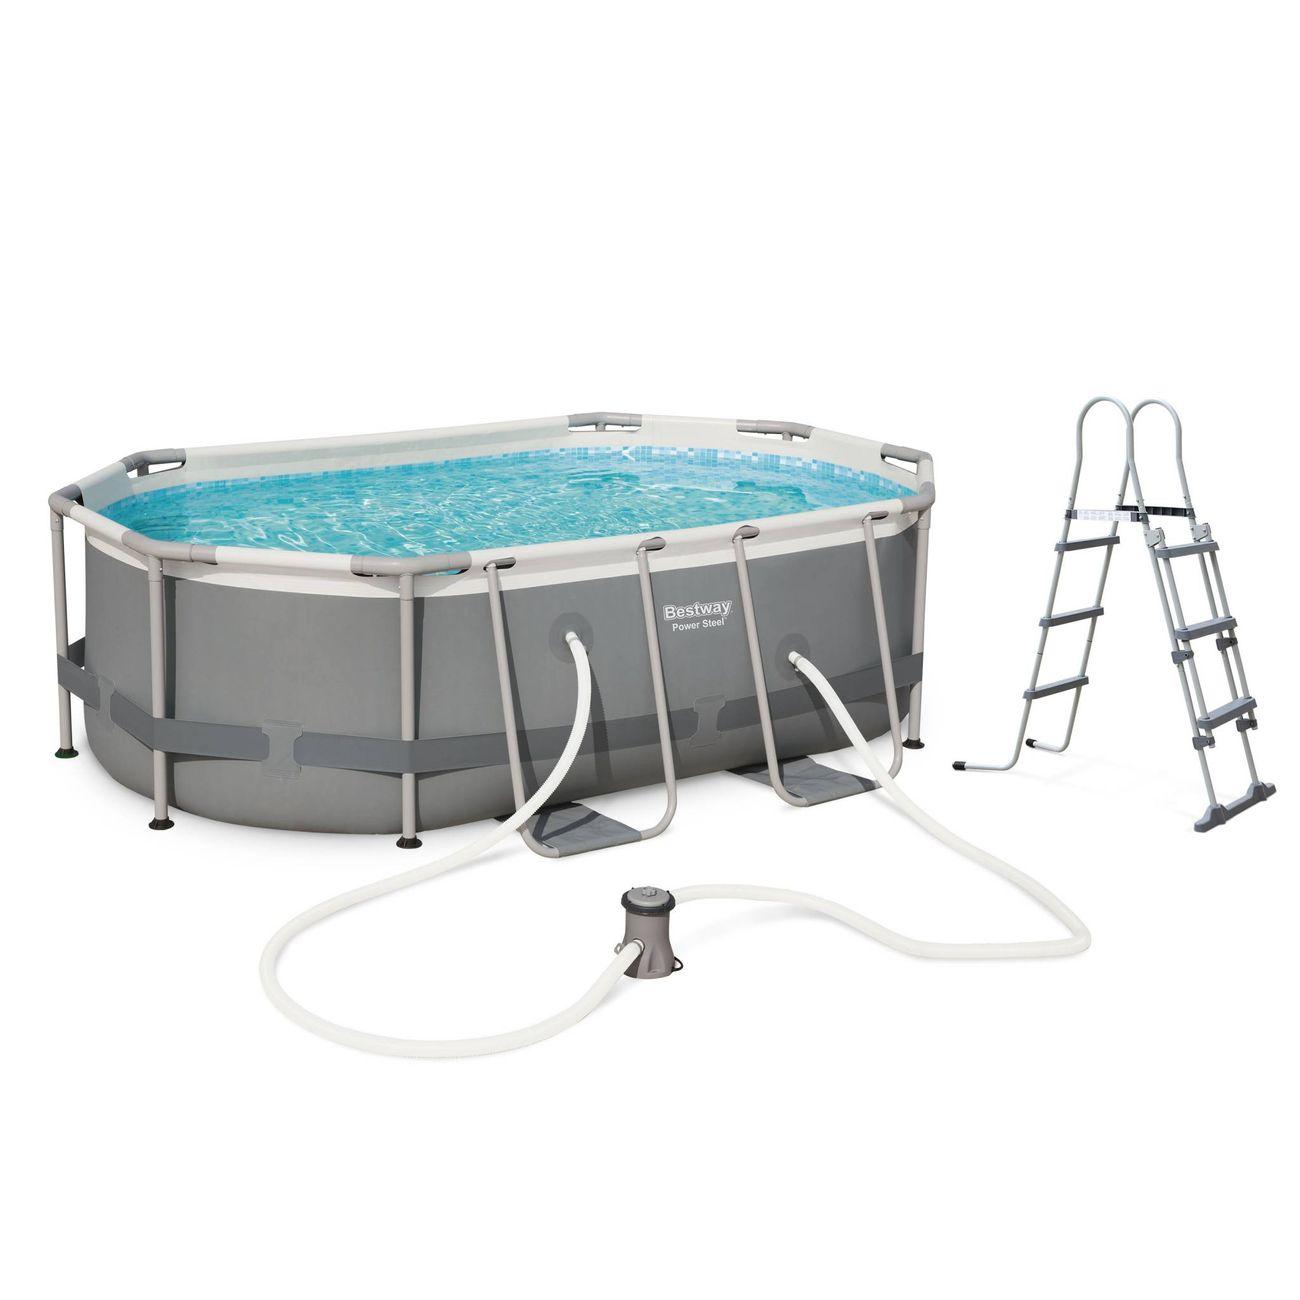 Piscine ovale tubulaire 3 x 2 m bestway quartz 6 m Pompe piscine hors sol pas cher